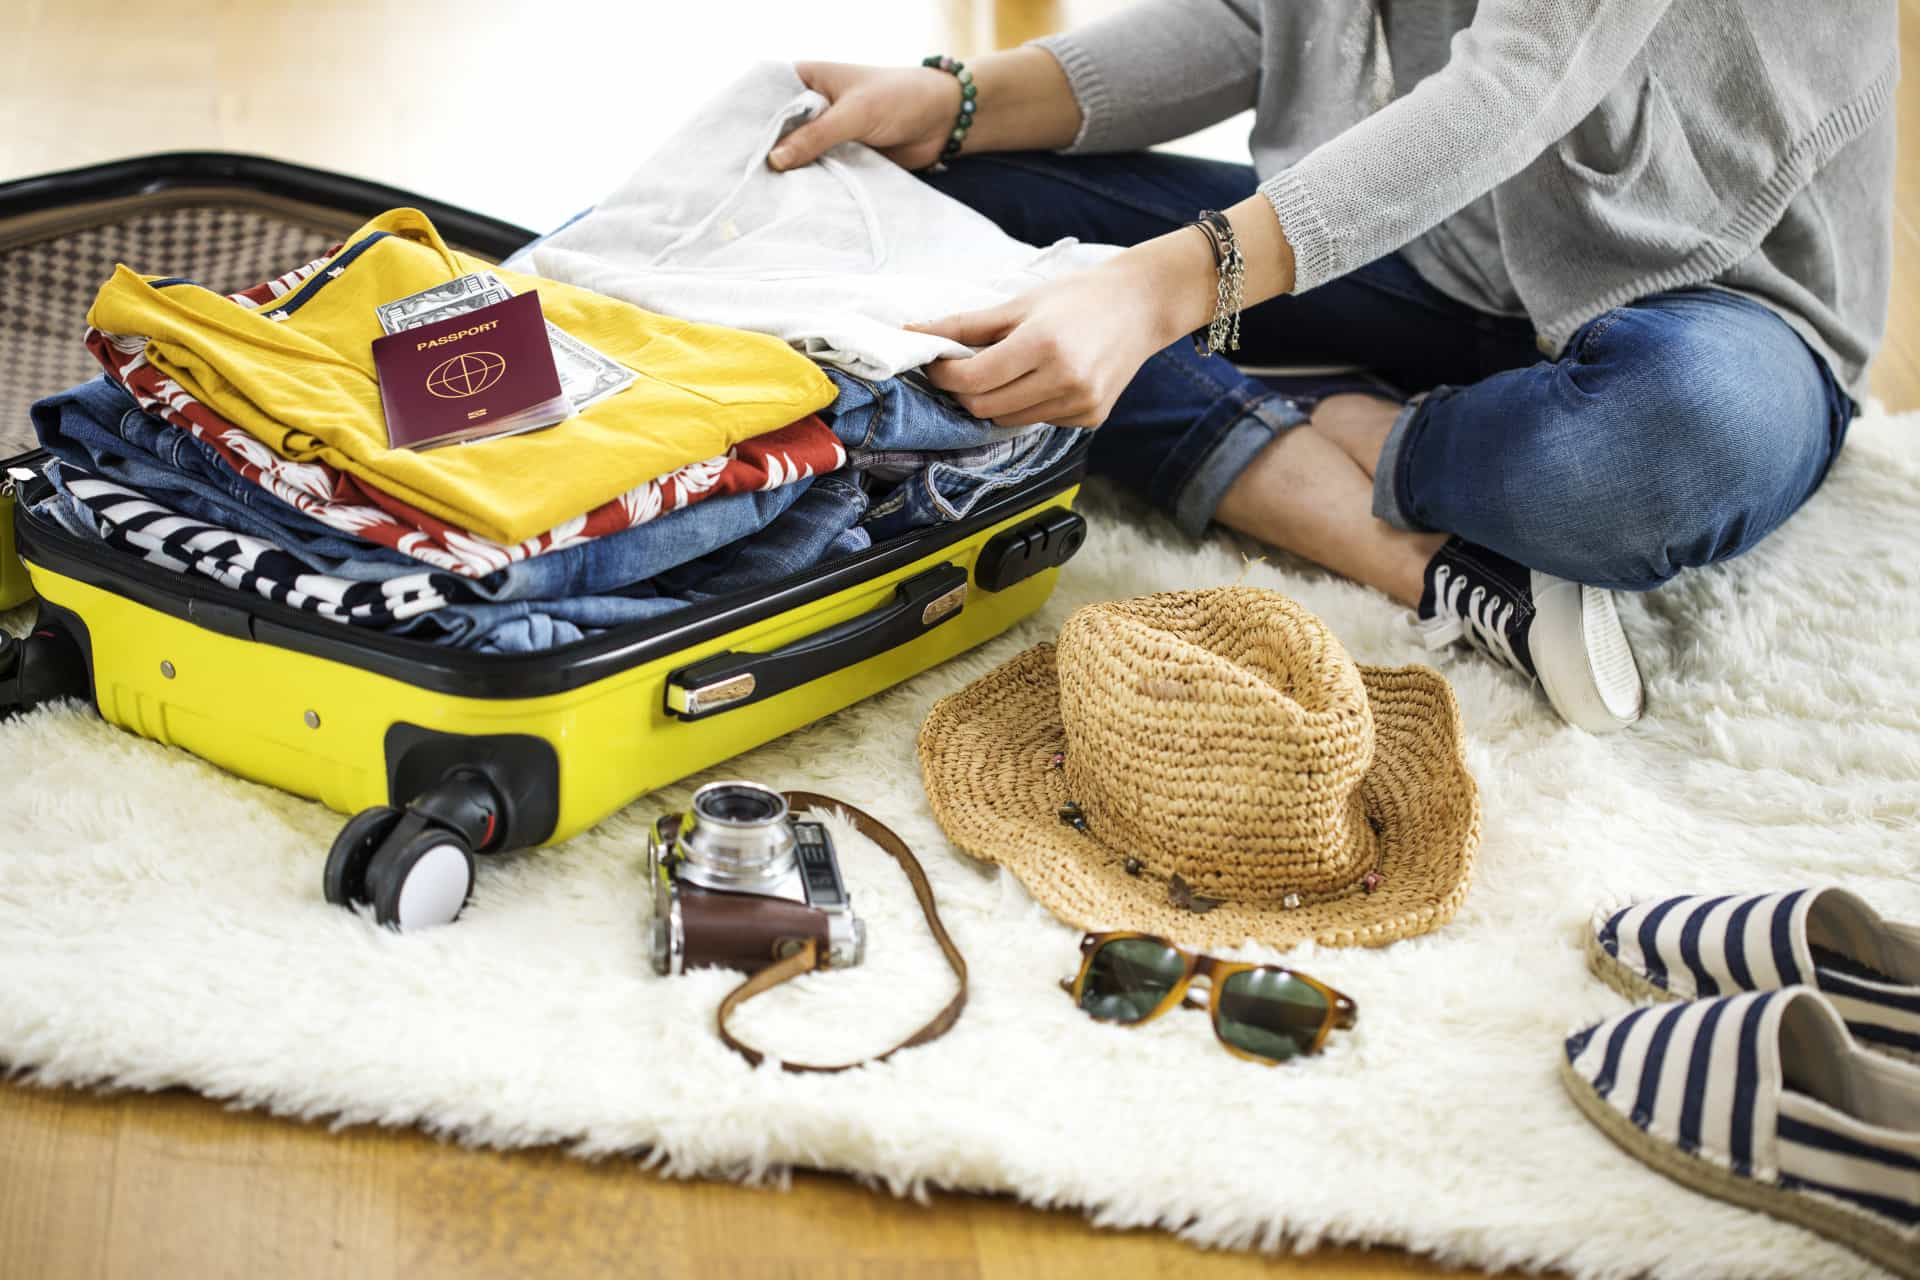 Viagem: 30 dicas para organizar tudo de maneira prática e eficiente